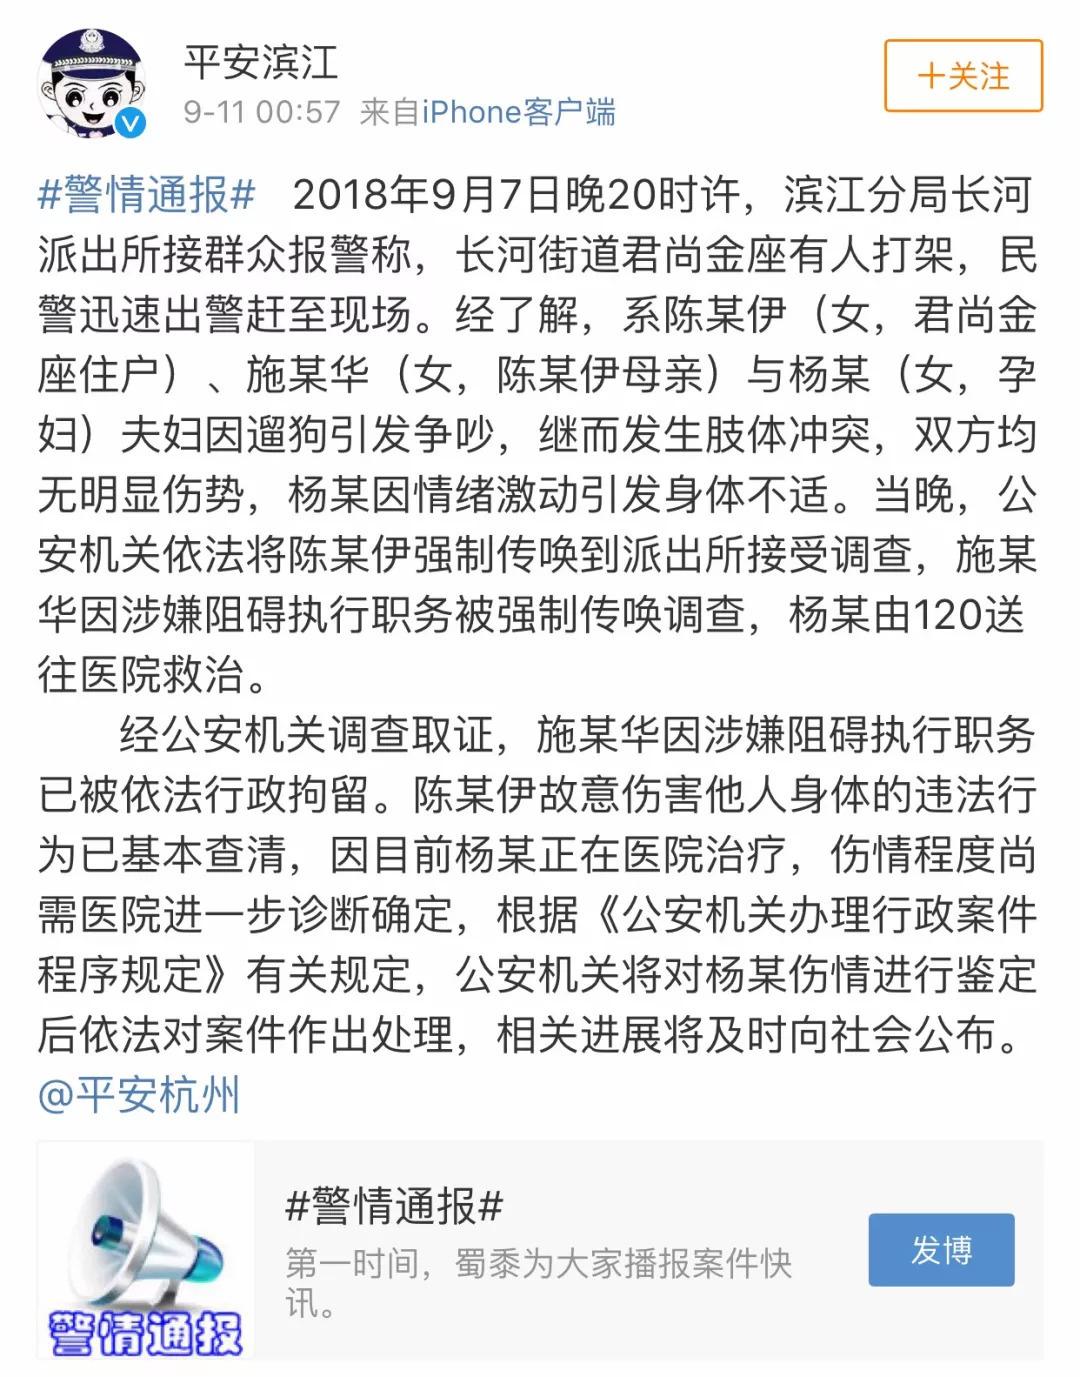 网红遛狗不牵绳,与孕妇冲突致其先兆早产 警方最新通报